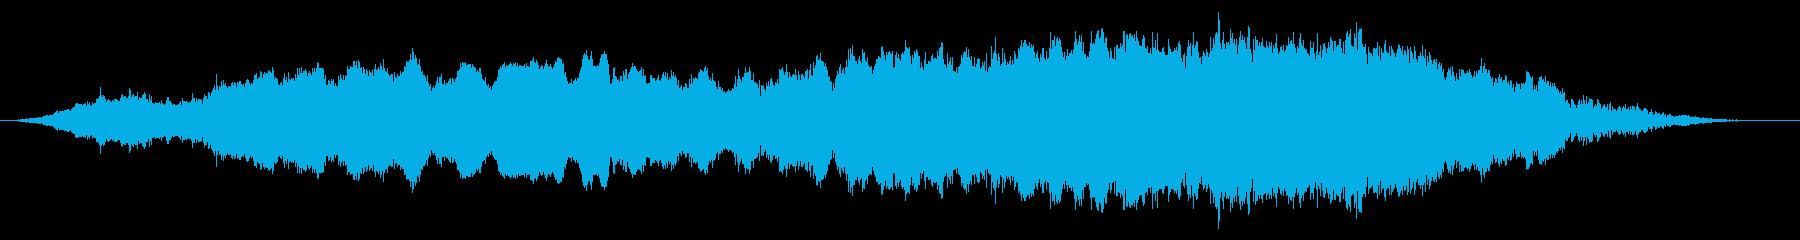 ヴィオラ:弦楽器全体の調和の再生済みの波形